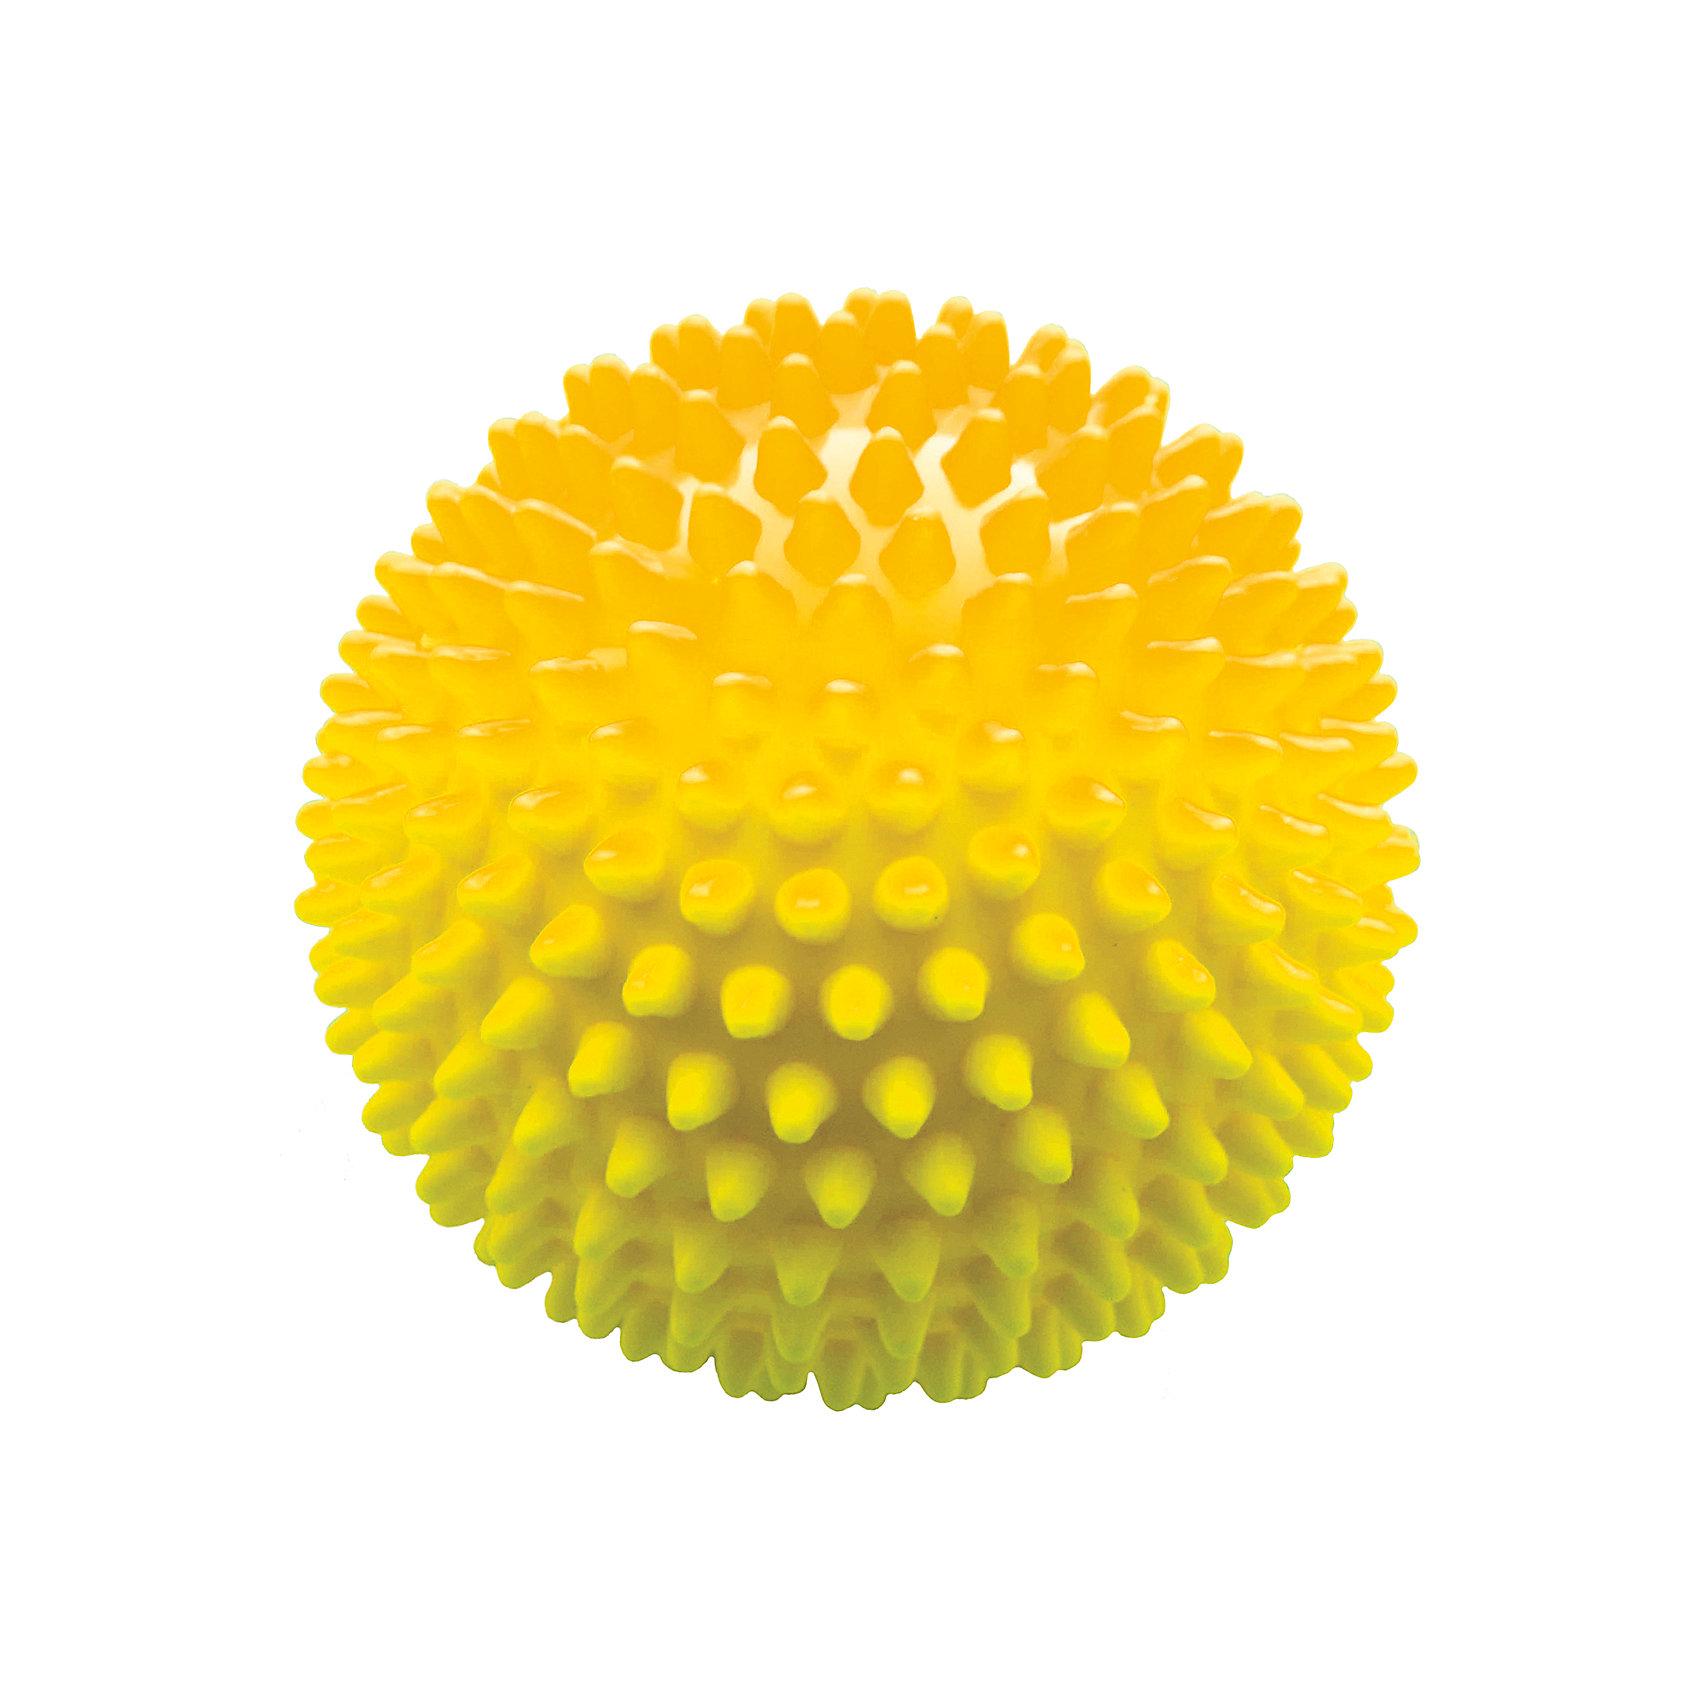 Мяч ёжик желтый, 6,5 см, МалышОКМячи детские<br>Характеристики товара:<br><br>• диаметр мяча: 6,5 см;<br>• материал: ПВХ;<br>• цвет: желтый;<br>• возраст: от 0 месяцев;<br>• размер упаковки: 7х7х7 см;<br>• вес: 30 грамм;<br>• страна бренда: Россия.<br><br>Мяч ёжик - игровой мяч для детей с рождения. Его можно использовать для игр, массажа или во время водных процедур.<br><br>Занятия с массажным мячом хорошо влияют на развитие мускулатуры, центральной нервной системы, ускорение капиллярного кровотока.  Во время игры с мячом развиваются тактильные ощущения, цветовое восприятие и координация движений малыша.<br><br>Мяч изготовлен из гипоаллергенного материала.<br><br>Мяч ёжик желтый, 6,5 см, МалышОК можно купить в нашем интернет-магазине.<br><br>Ширина мм: 70<br>Глубина мм: 70<br>Высота мм: 70<br>Вес г: 30<br>Возраст от месяцев: 6<br>Возраст до месяцев: 2147483647<br>Пол: Унисекс<br>Возраст: Детский<br>SKU: 6894010